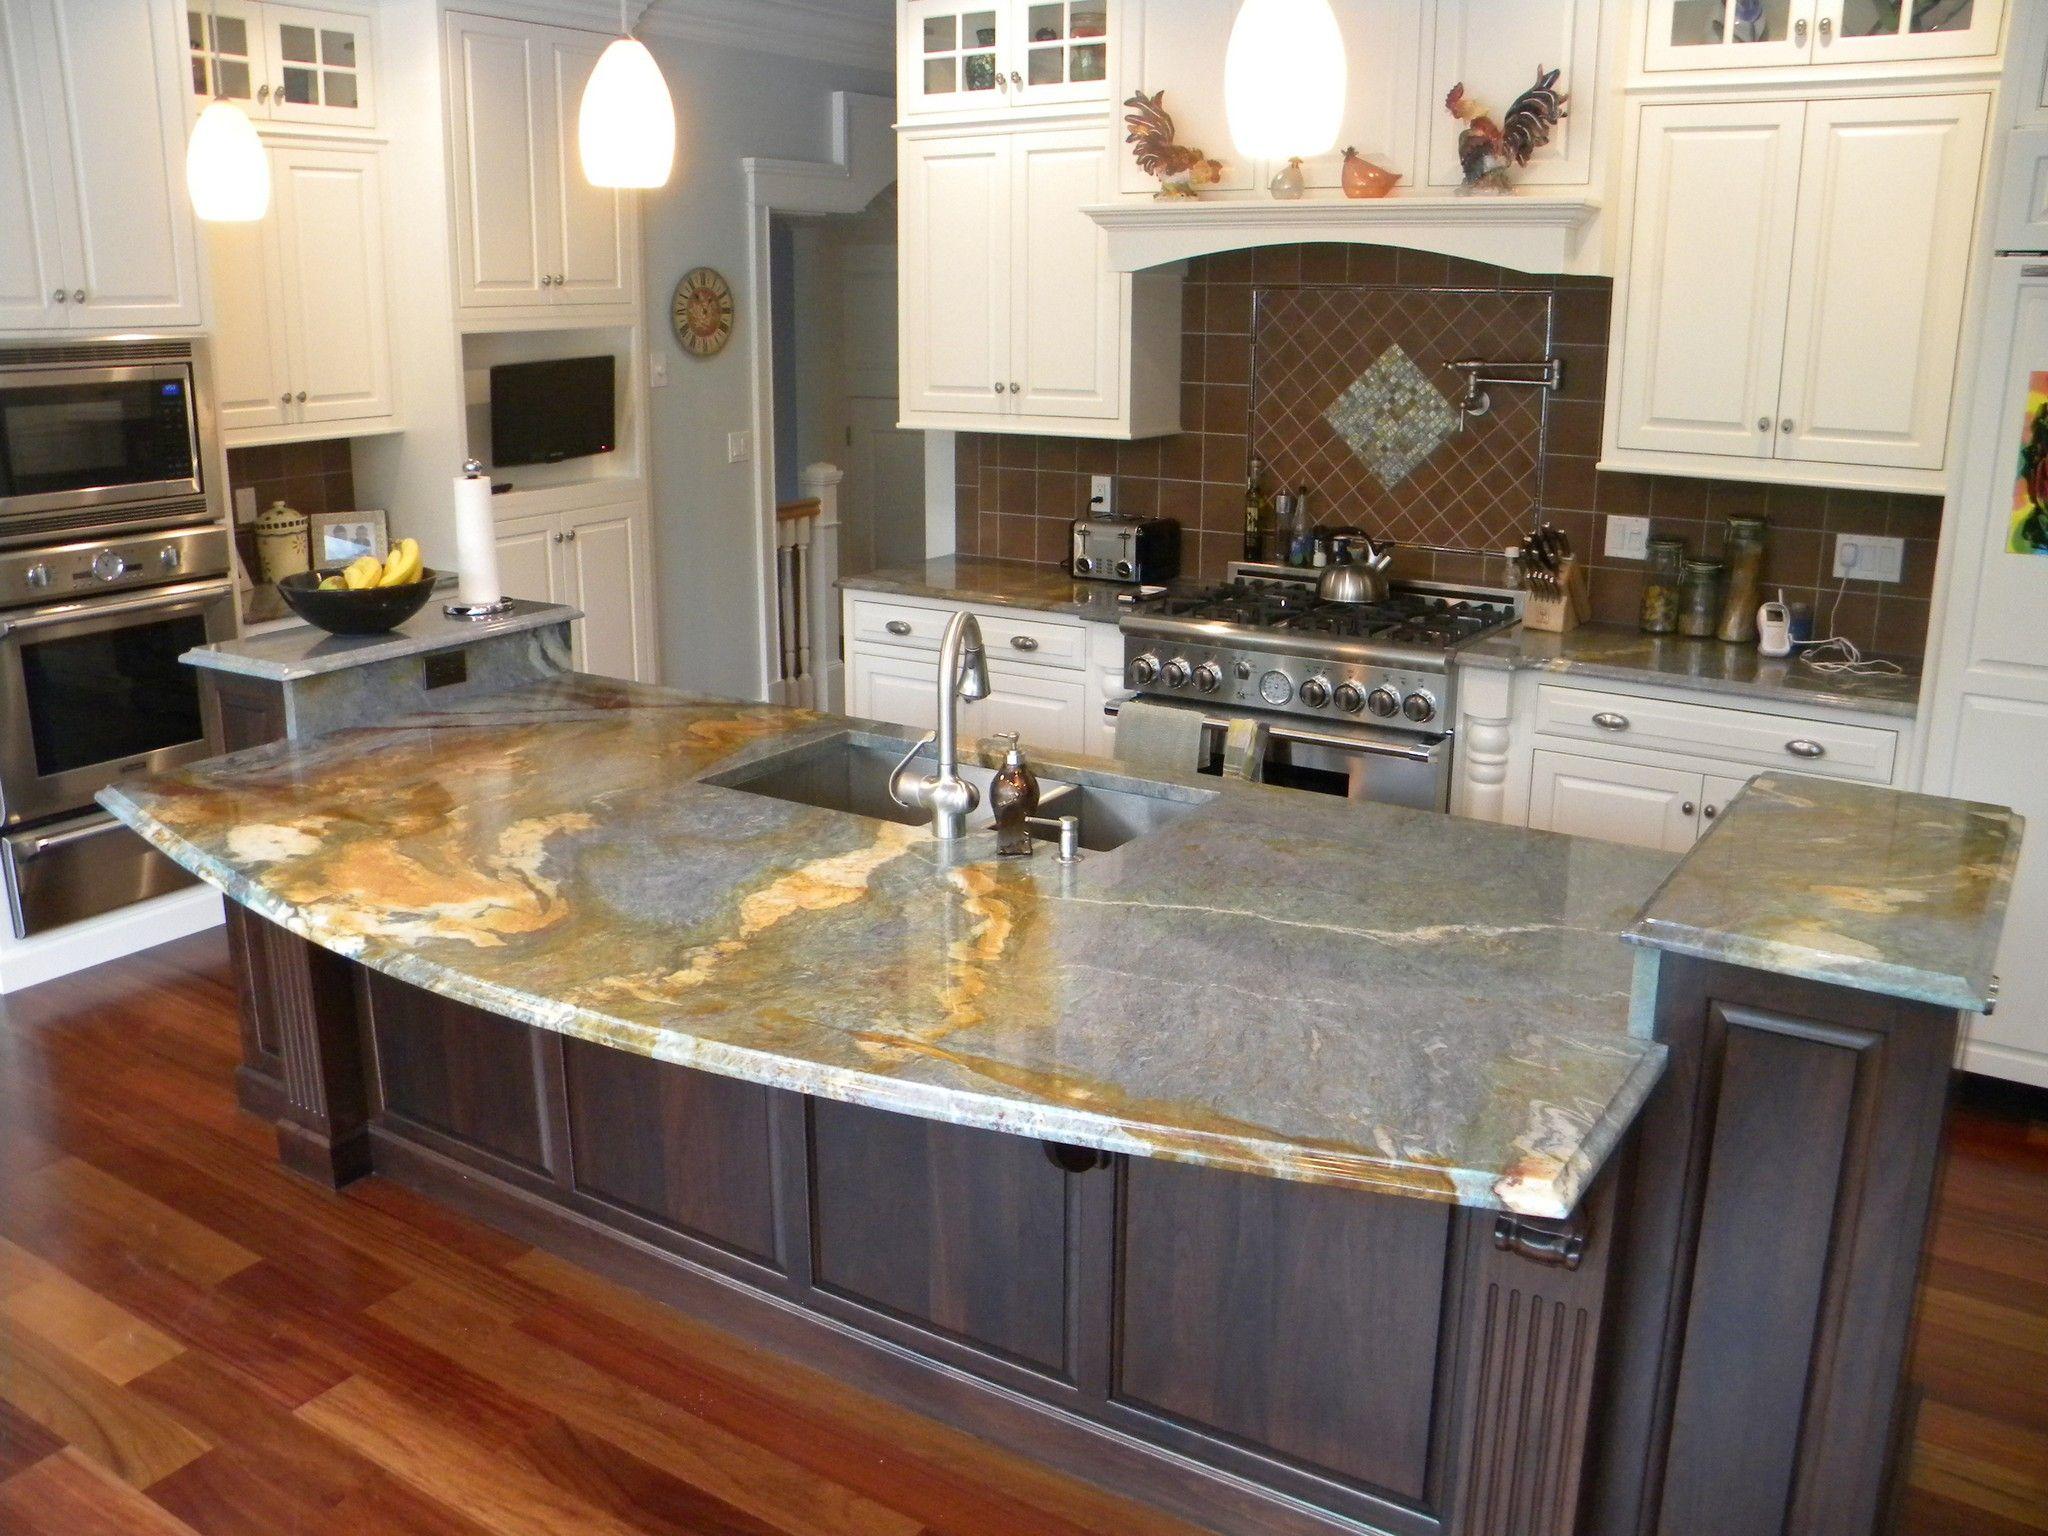 Granit Kuche Insel Kuchen Granitarbeitsplatten Granit Kuche Kuchendesign